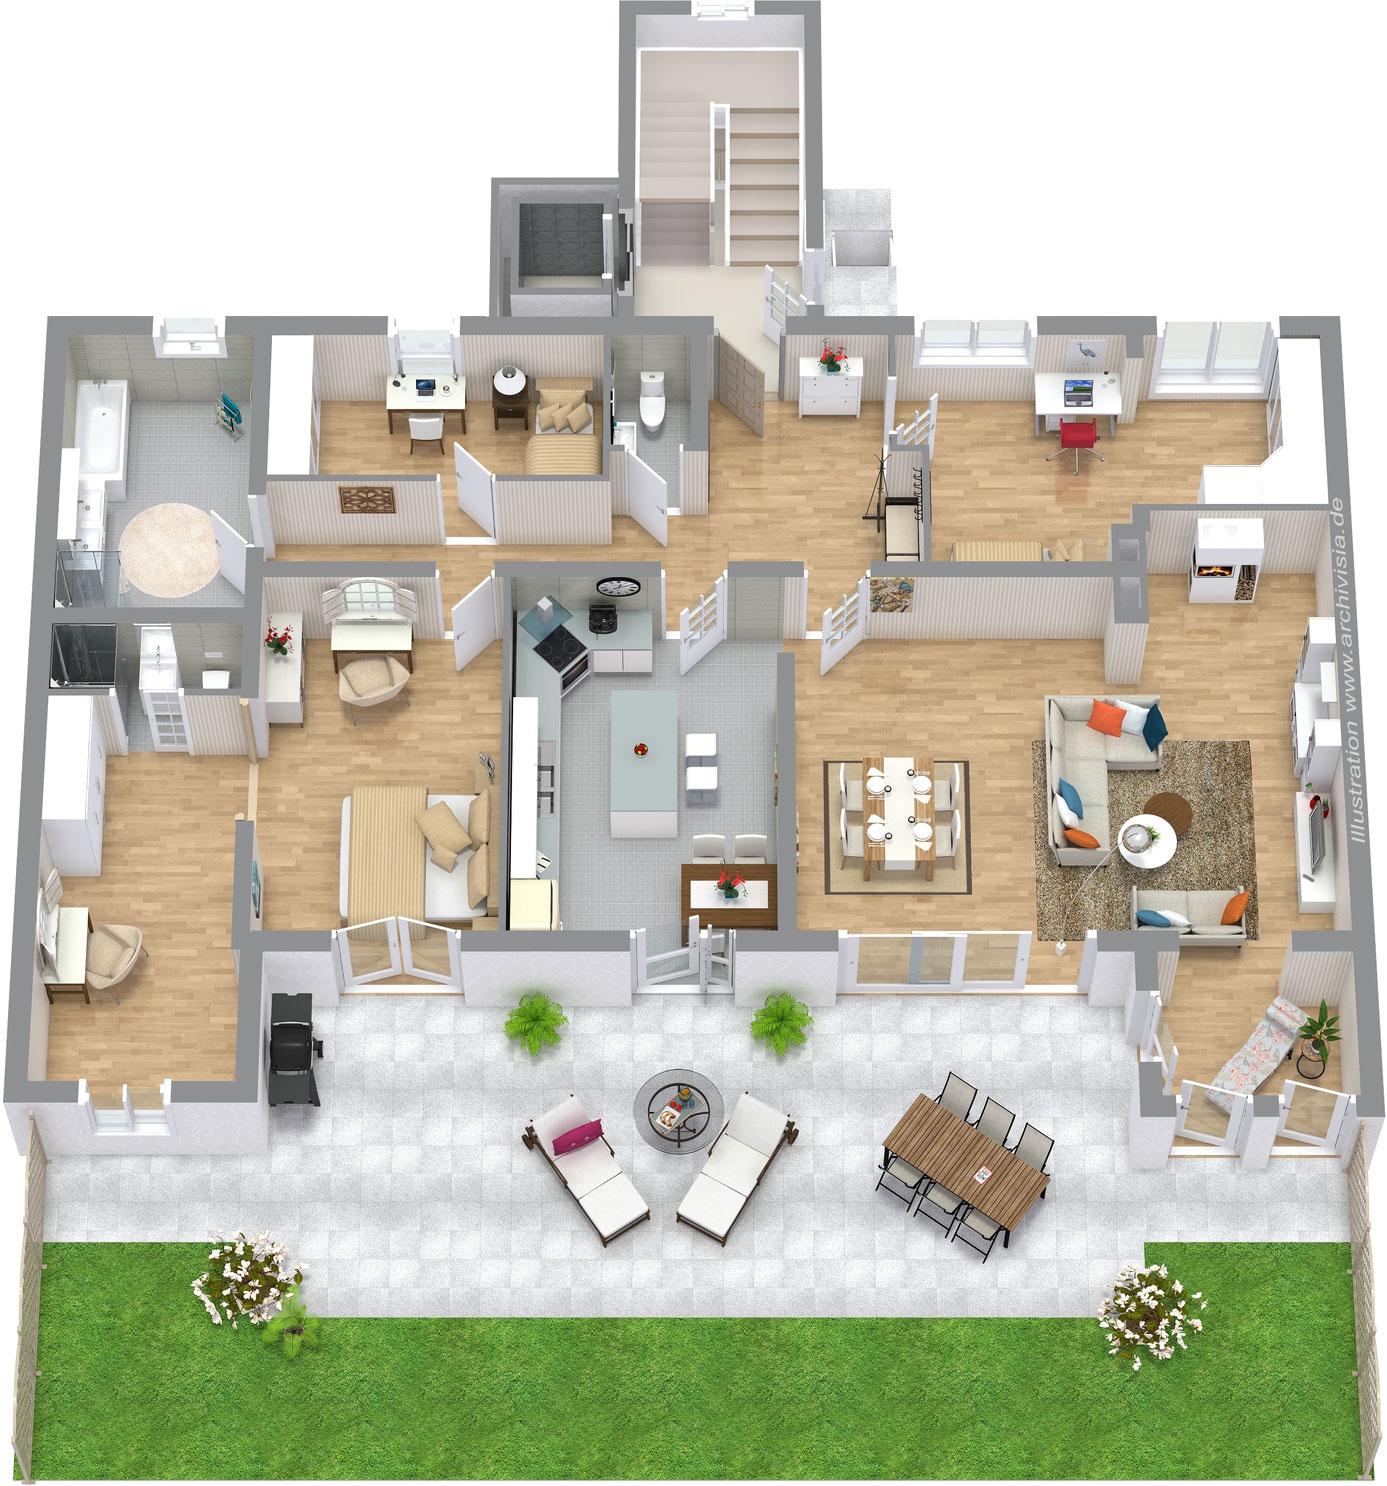 immogrundriss knx grundrissservice grundrisszeichenservice g nstig 2d grundriss f r. Black Bedroom Furniture Sets. Home Design Ideas